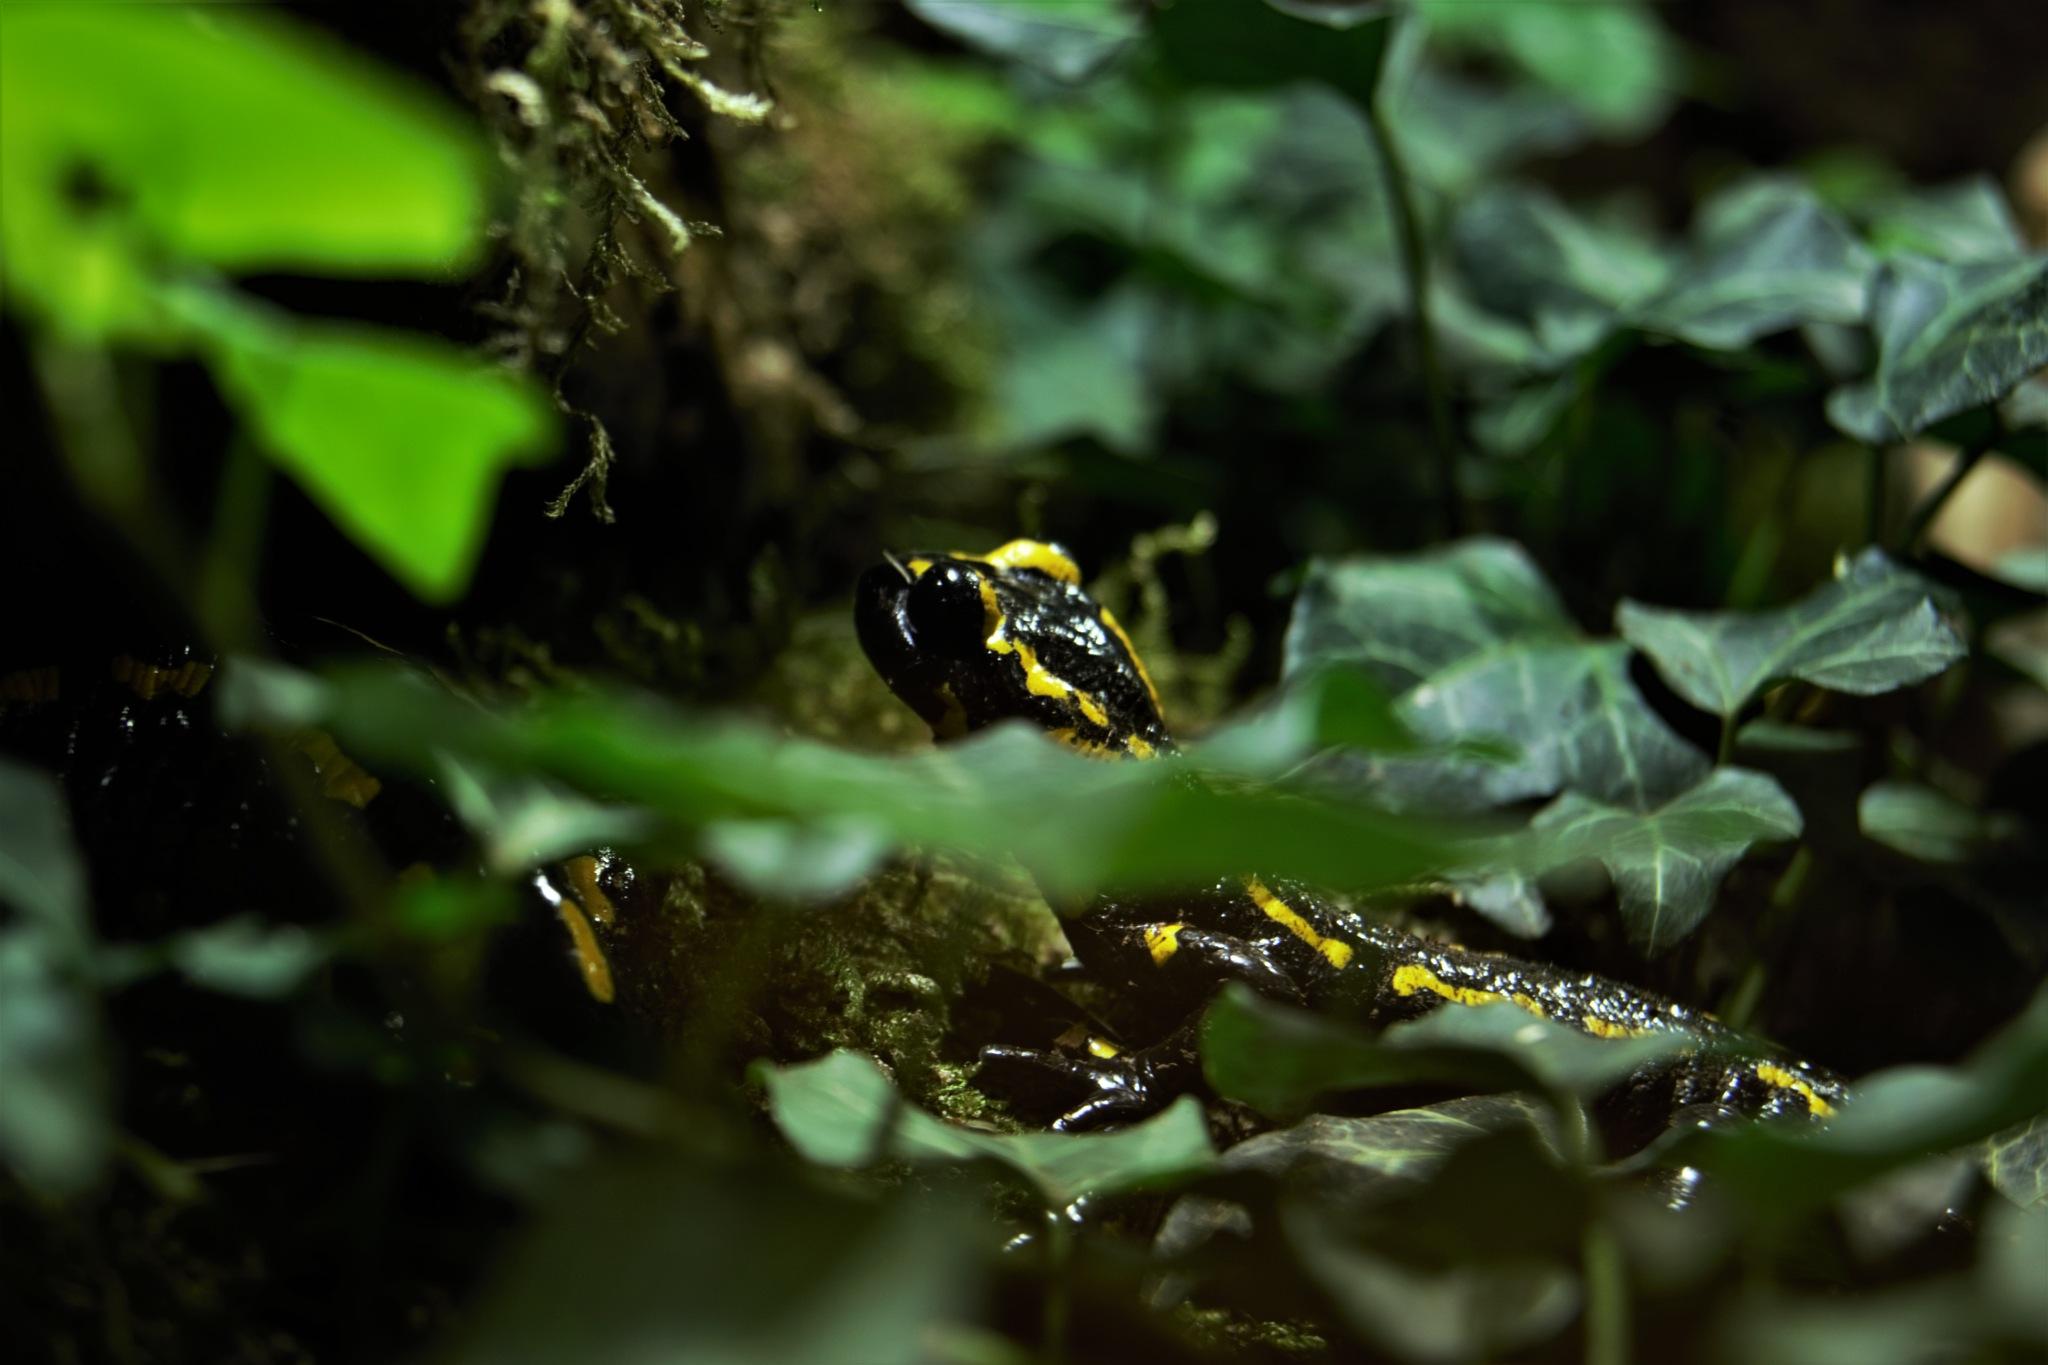 Fire Salamander by Natura vid